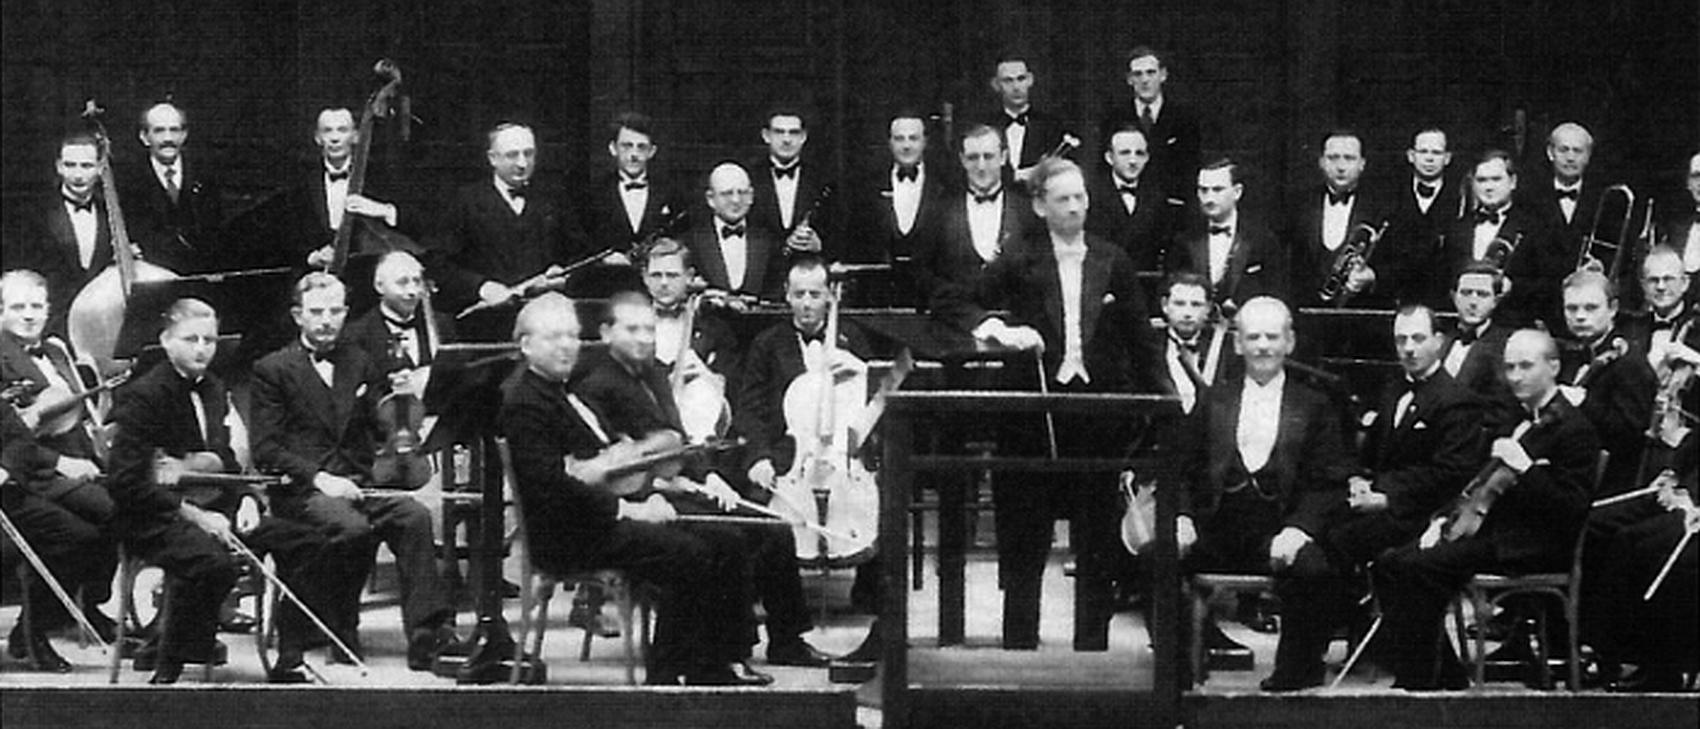 JEZT - Das Jenaer Philharmonische Orchester kurz nach seiner Gründung 1934 - Foto © Archiv der Philharmonie jena